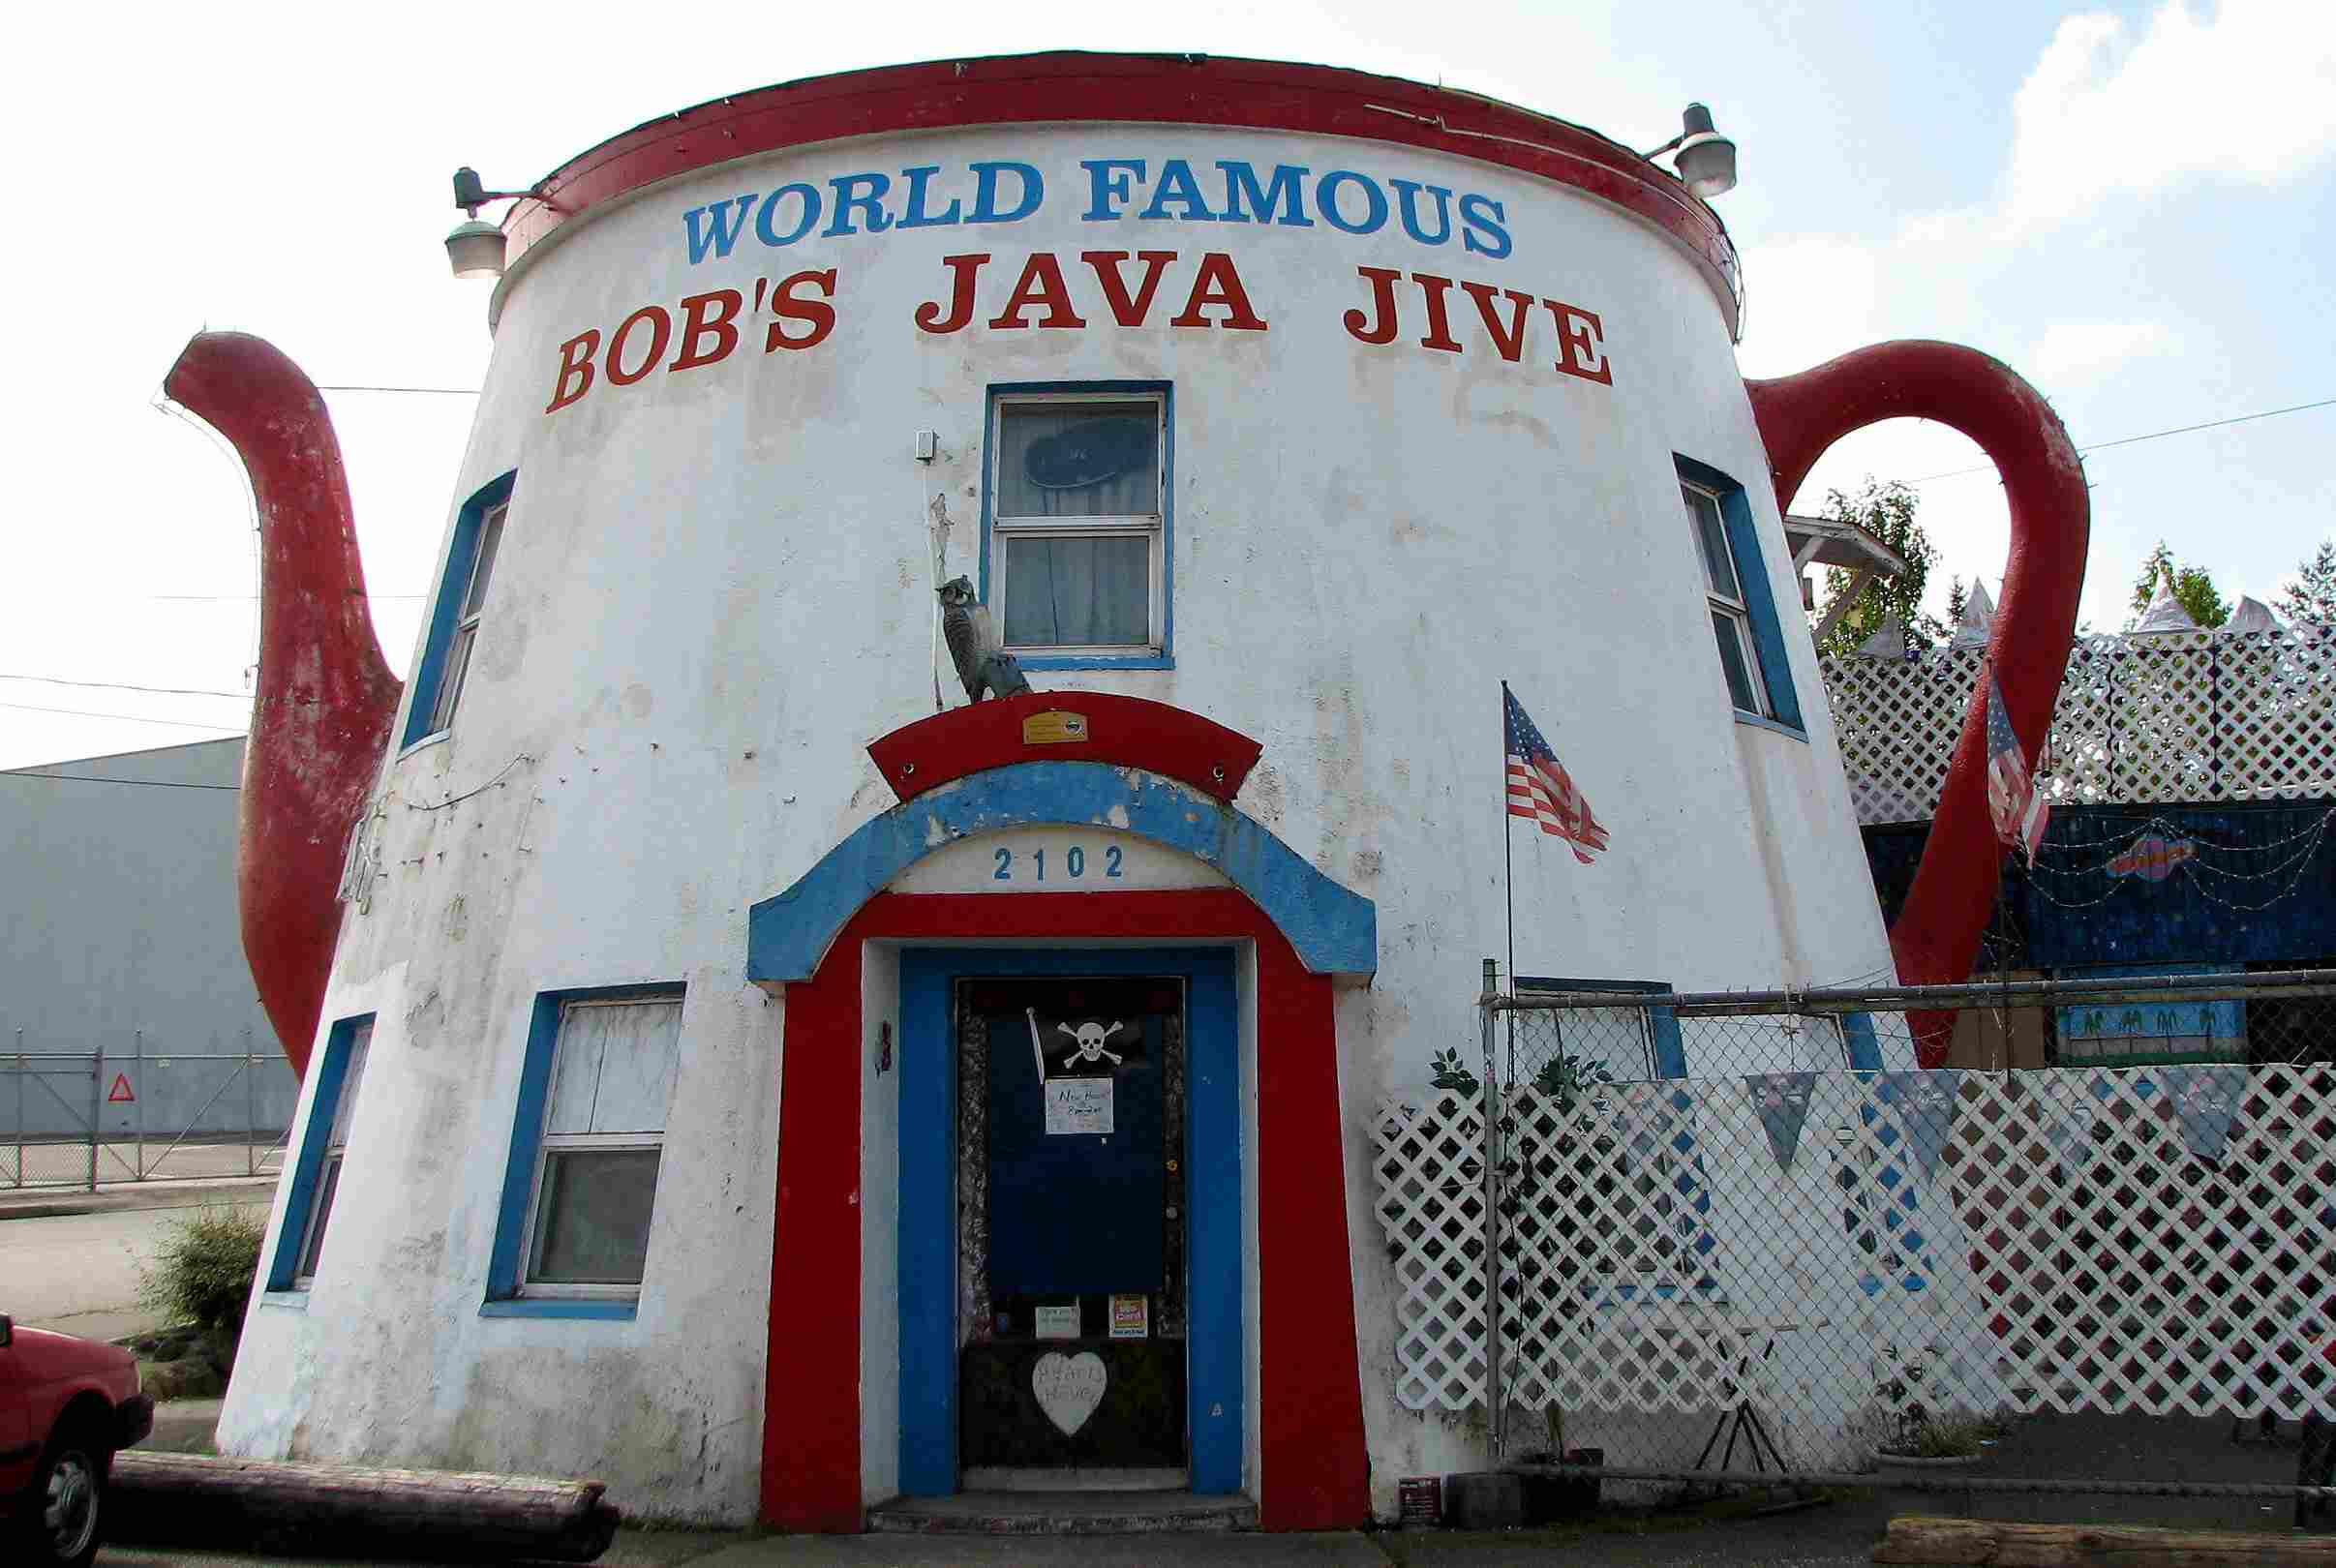 World Famous Bob's Java Jive Building shaped like a Coffee Pot